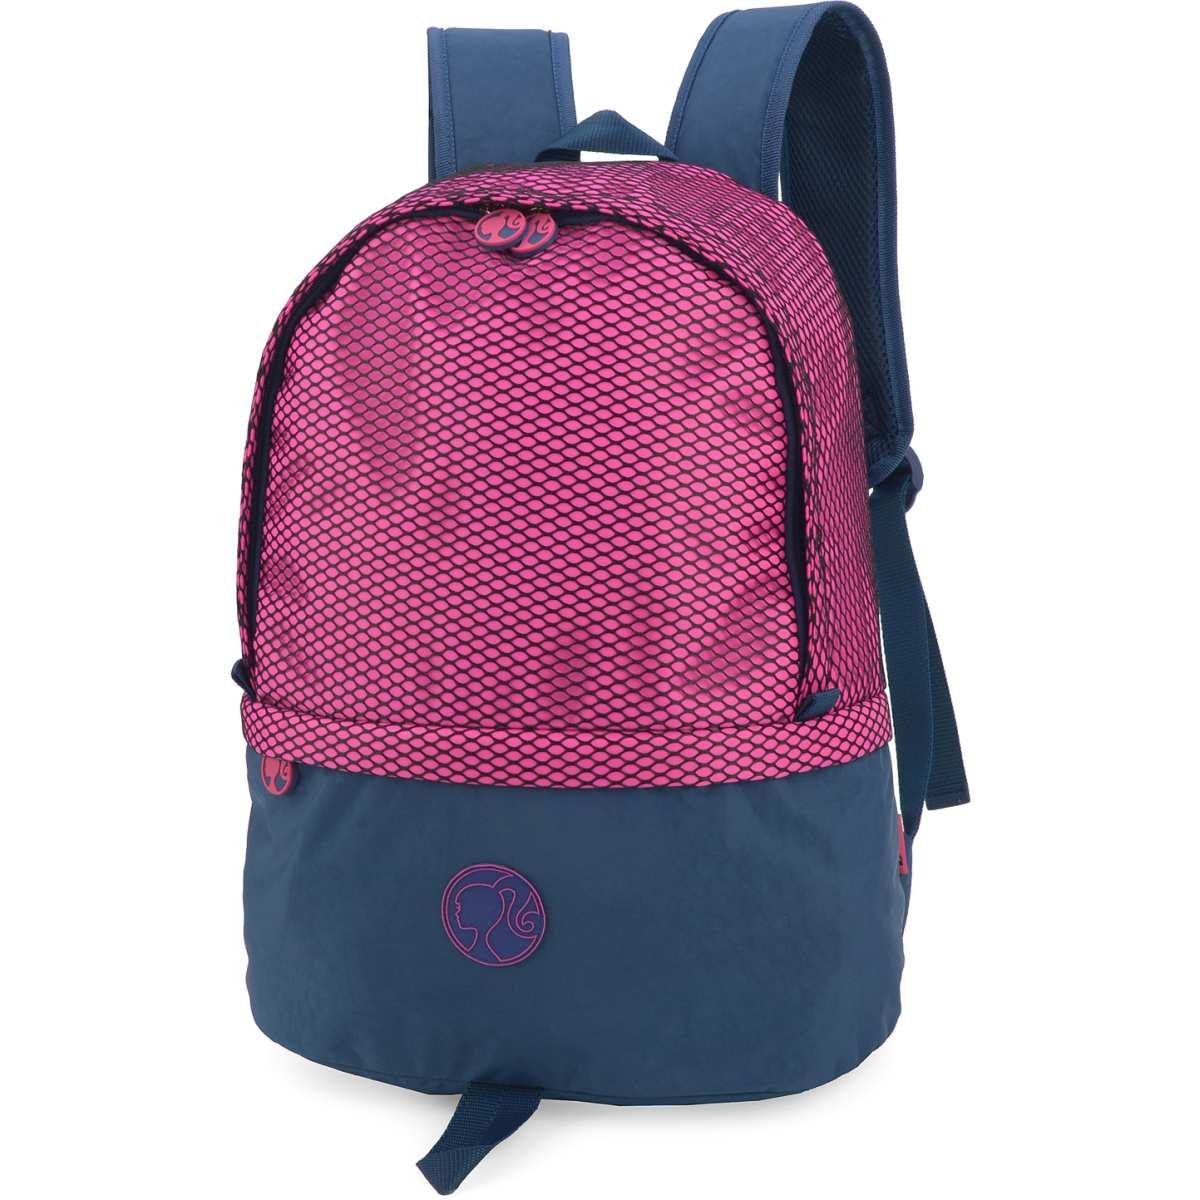 Mochila Escolar - Barbie GD 1Ziper Azul P/Note - Luxcel